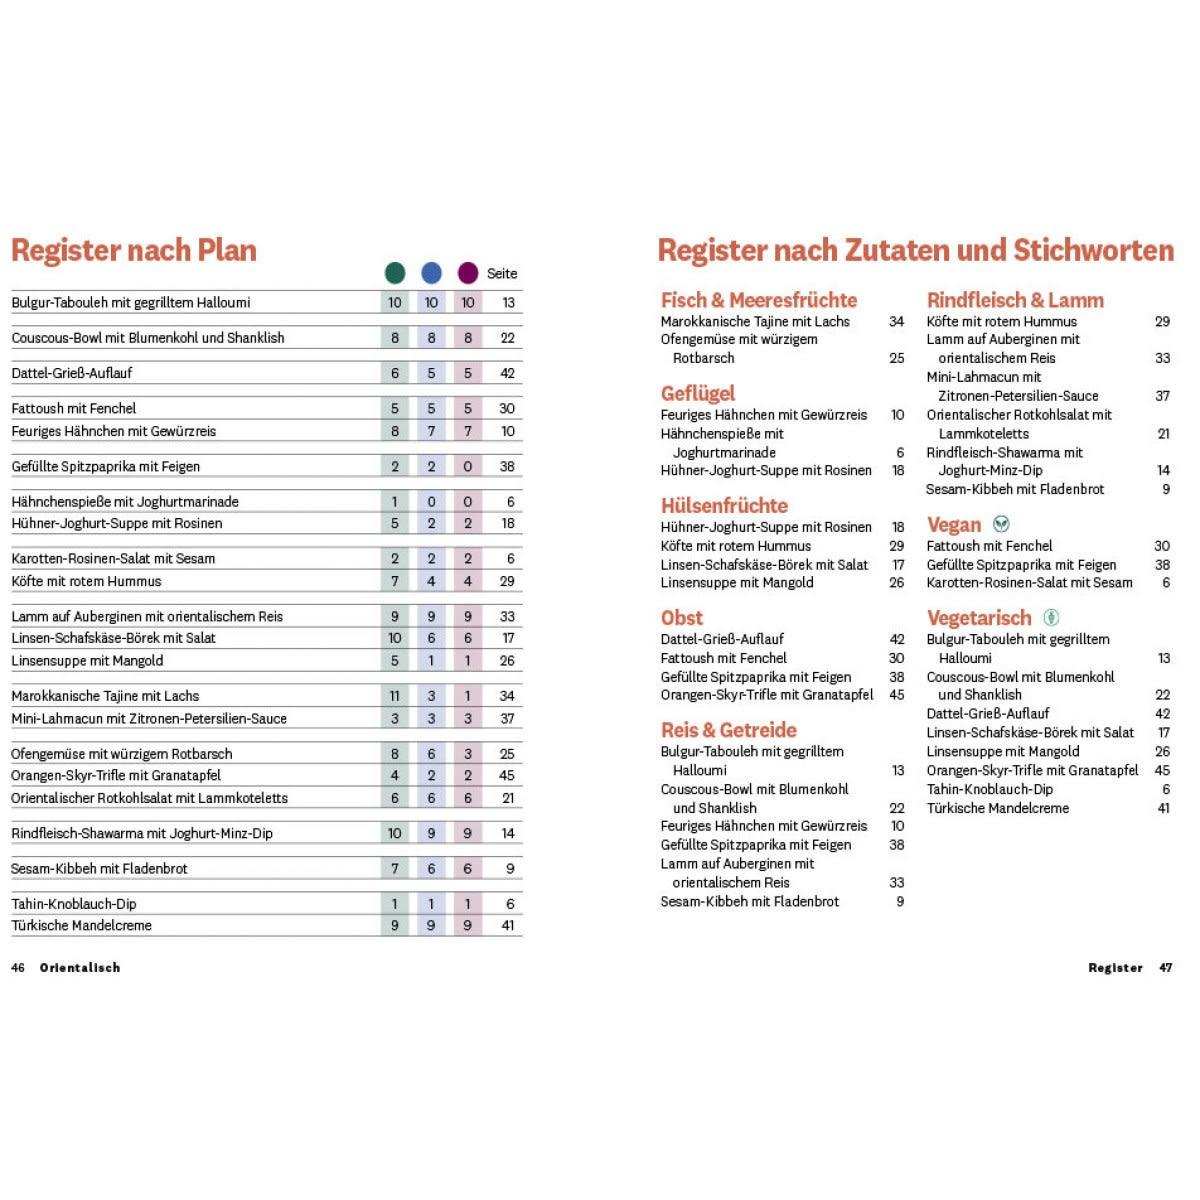 WW Kochbuch Orientalisch, #4 Länder-Edition (22 Rezepte) 1